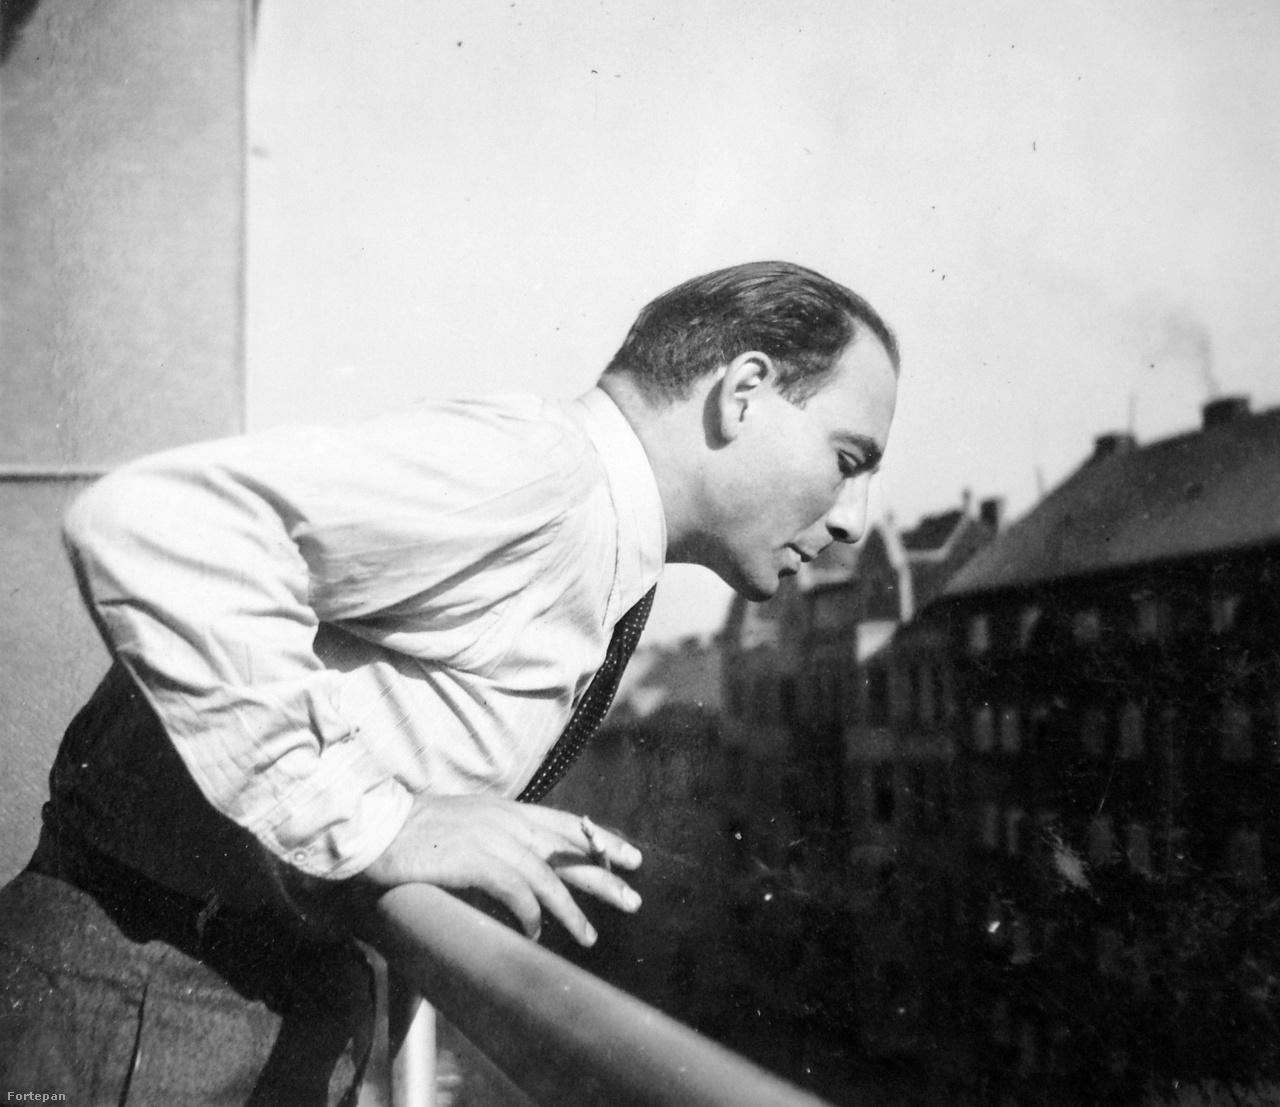 1941. Magyarország,Budapest II. Gádoros Lajos építész a Margit körút 65. sz. alatti lakásának erkélyén.